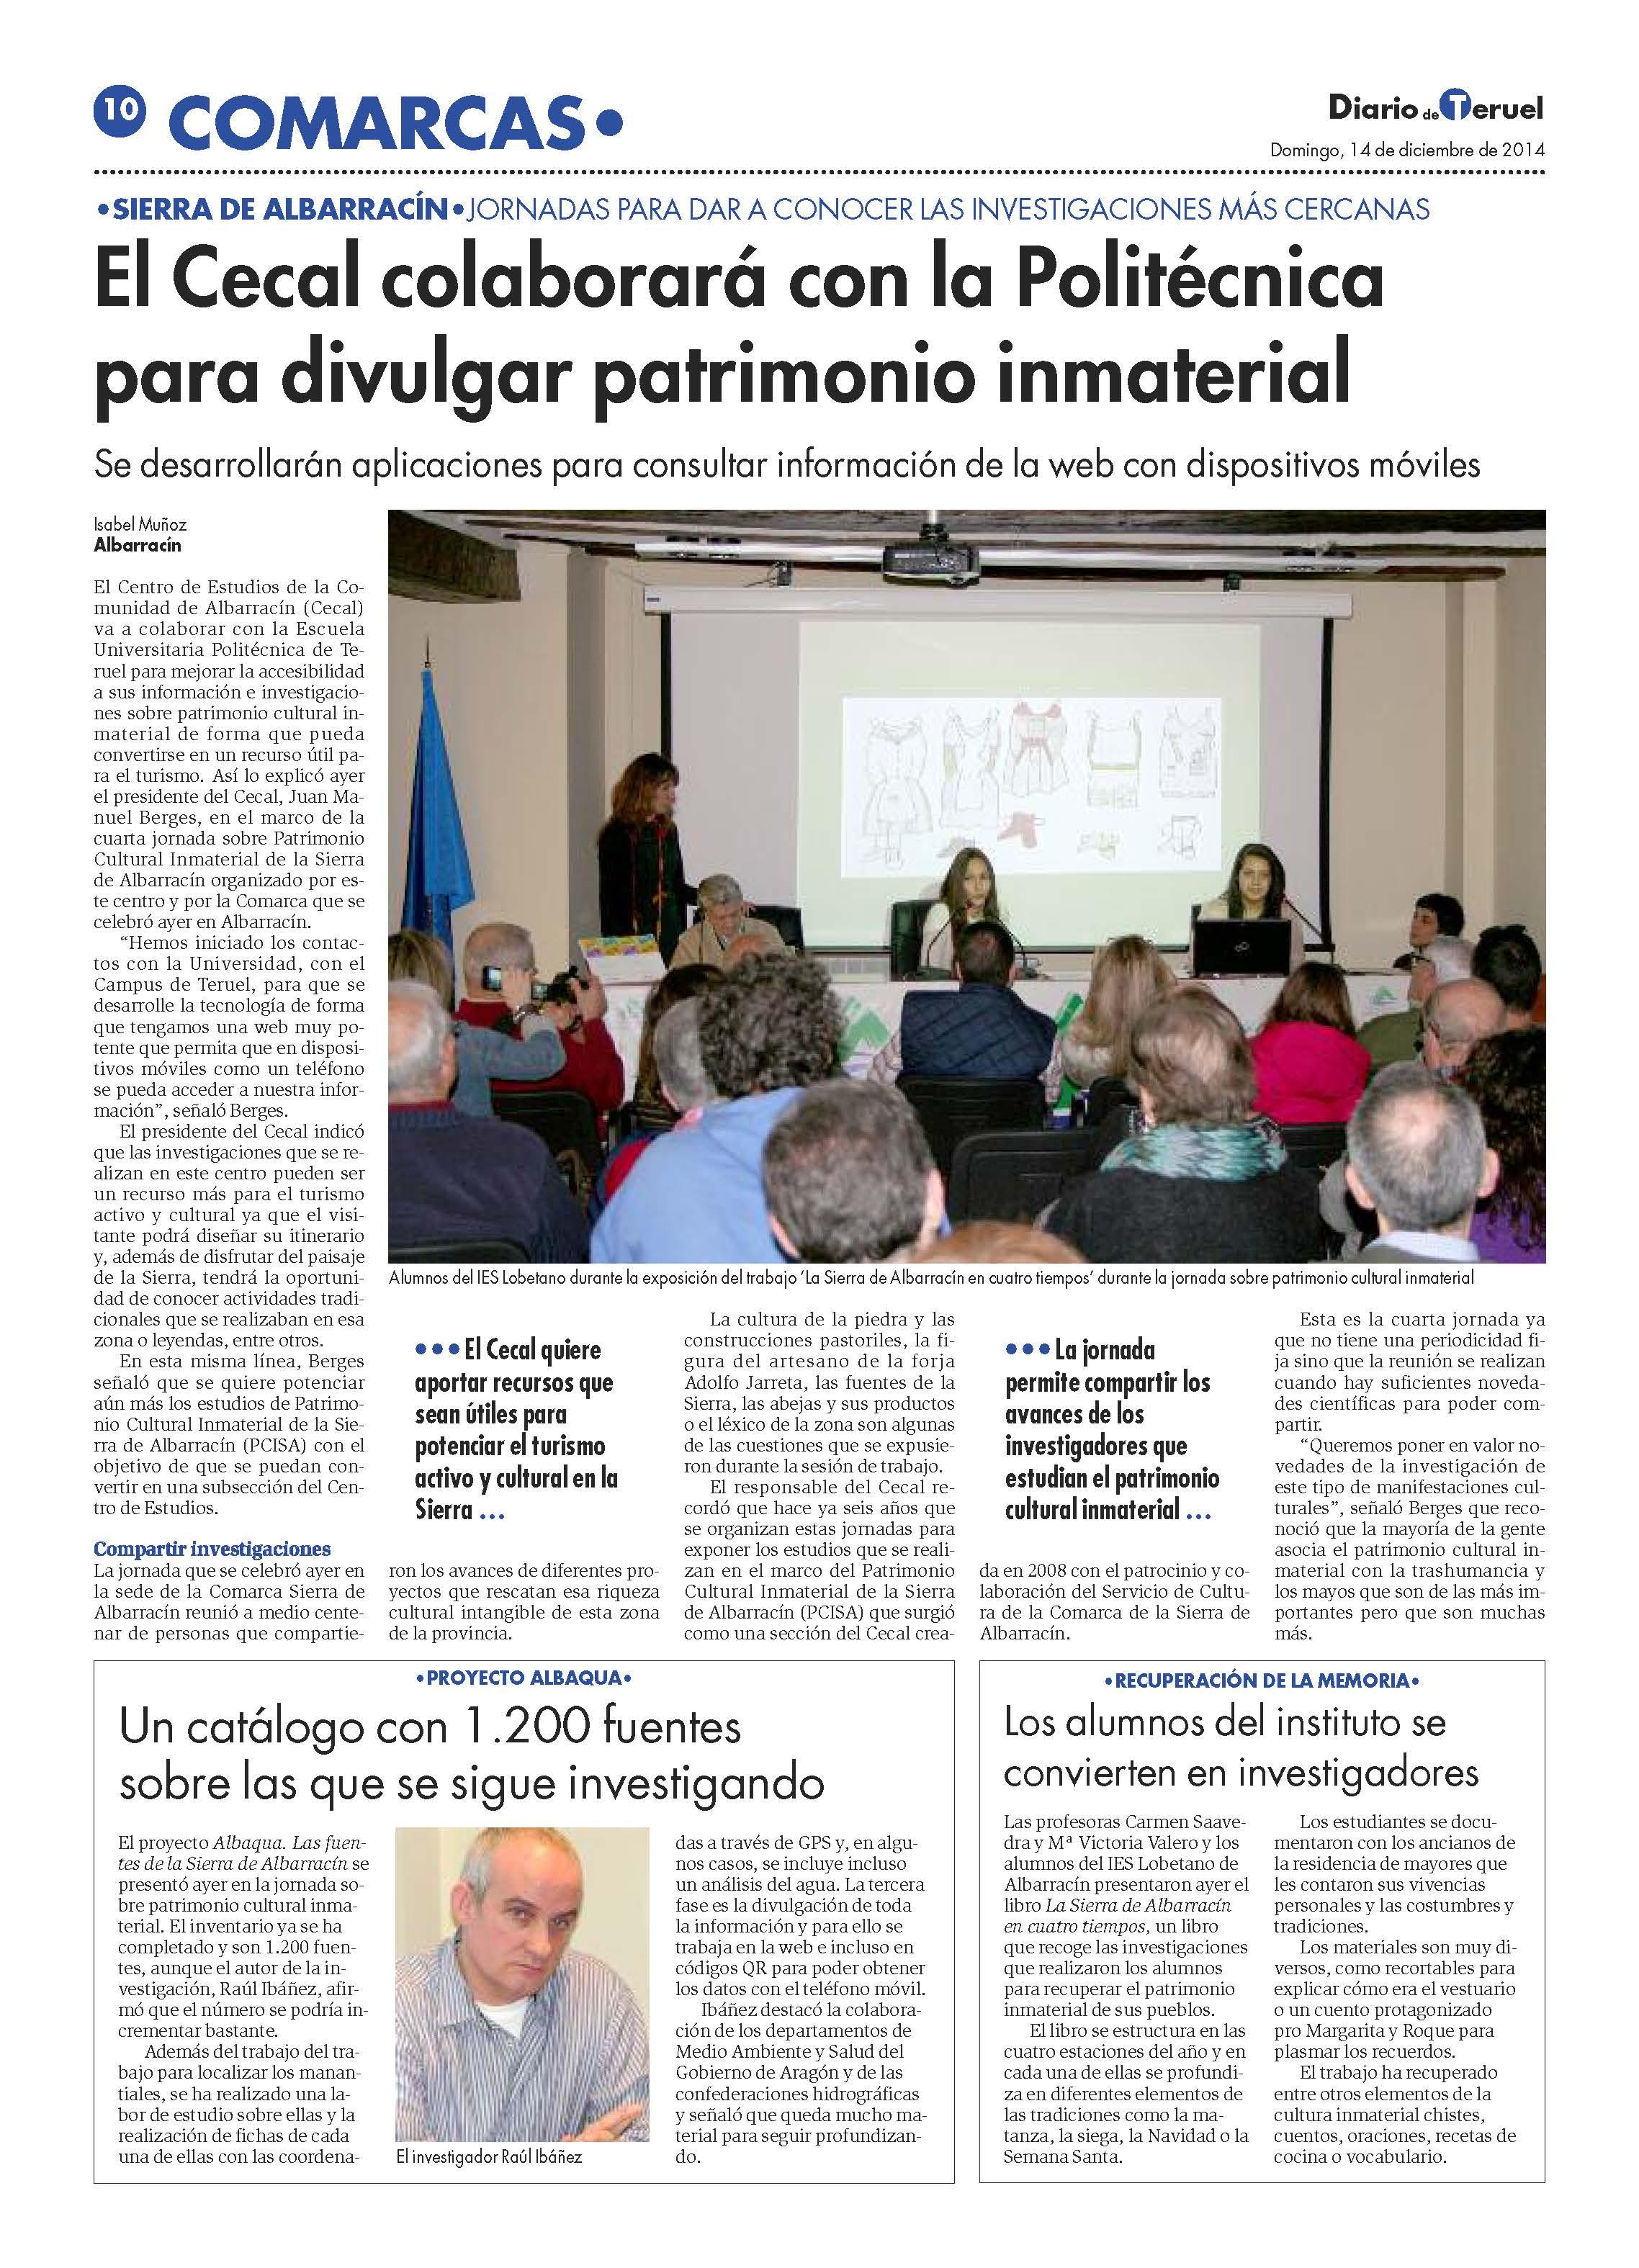 Imagen de EL CECAL COLABORARÁ CON LA POLITÉCNICA PARA DIVULGAR PATRIMONIO INMATERIAL